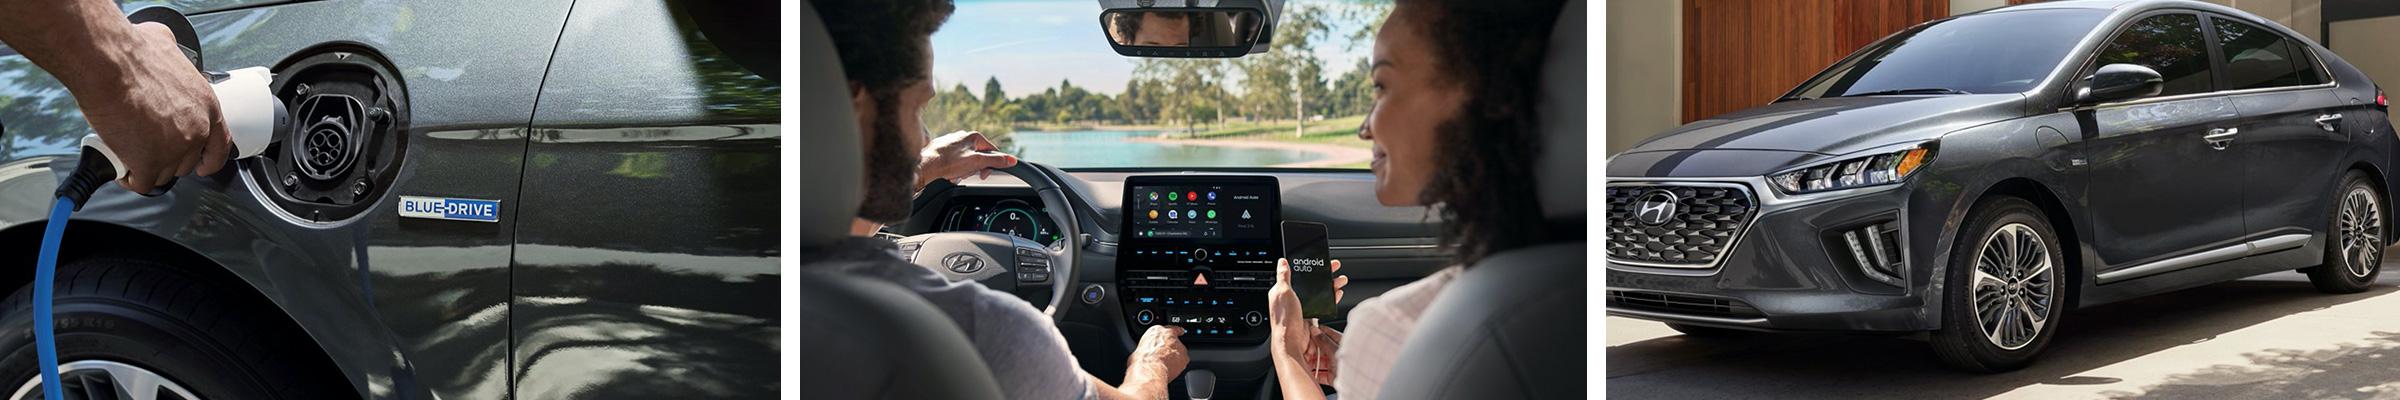 2020 Hyundai Ioniq Plug-in Hybrid For Sale Dearborn MI |